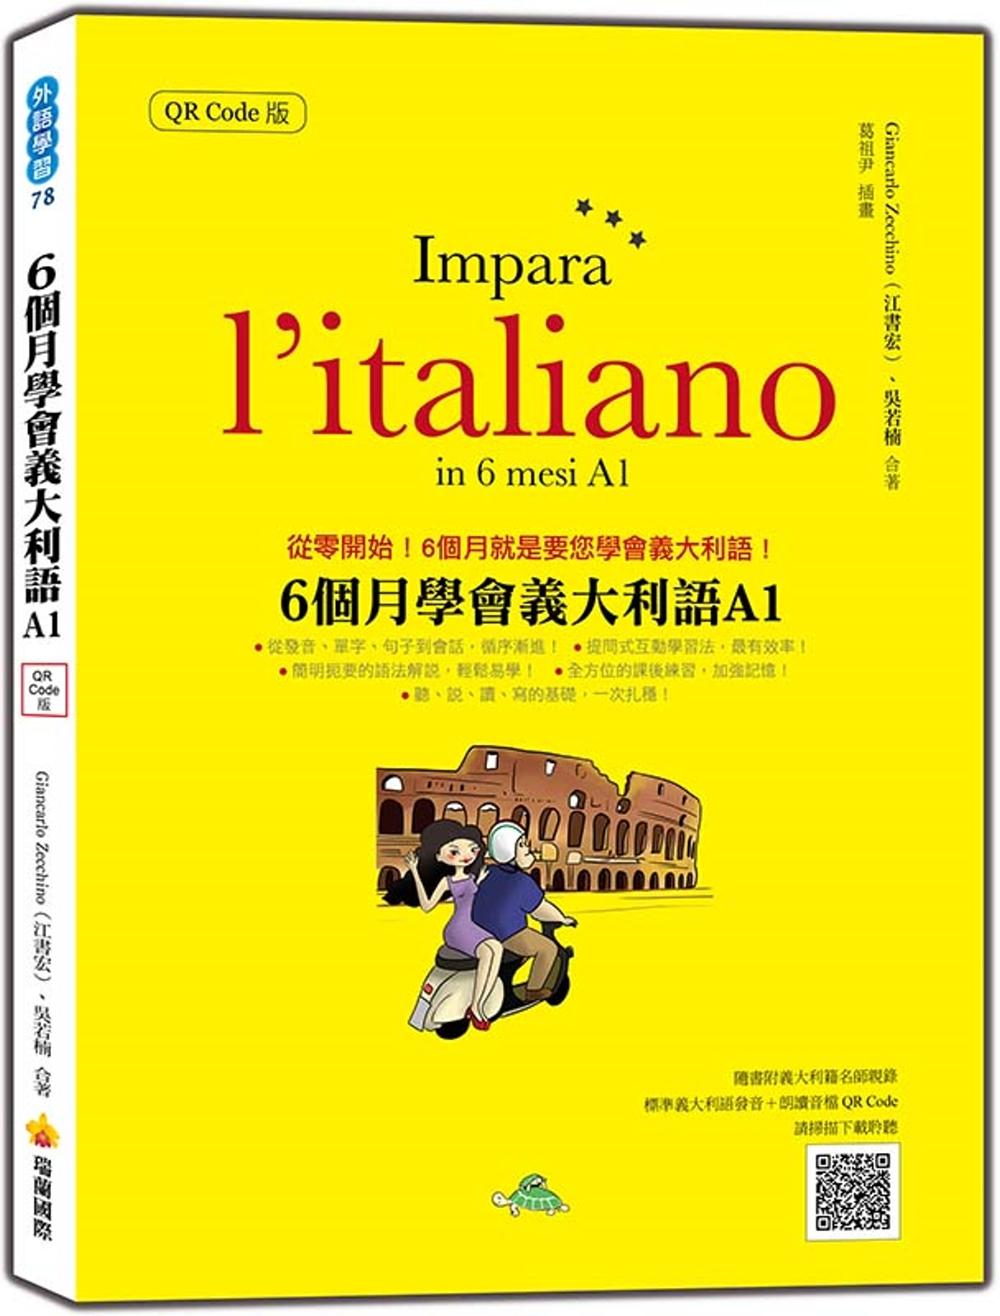 6個月學會義大利語A1 QR ...